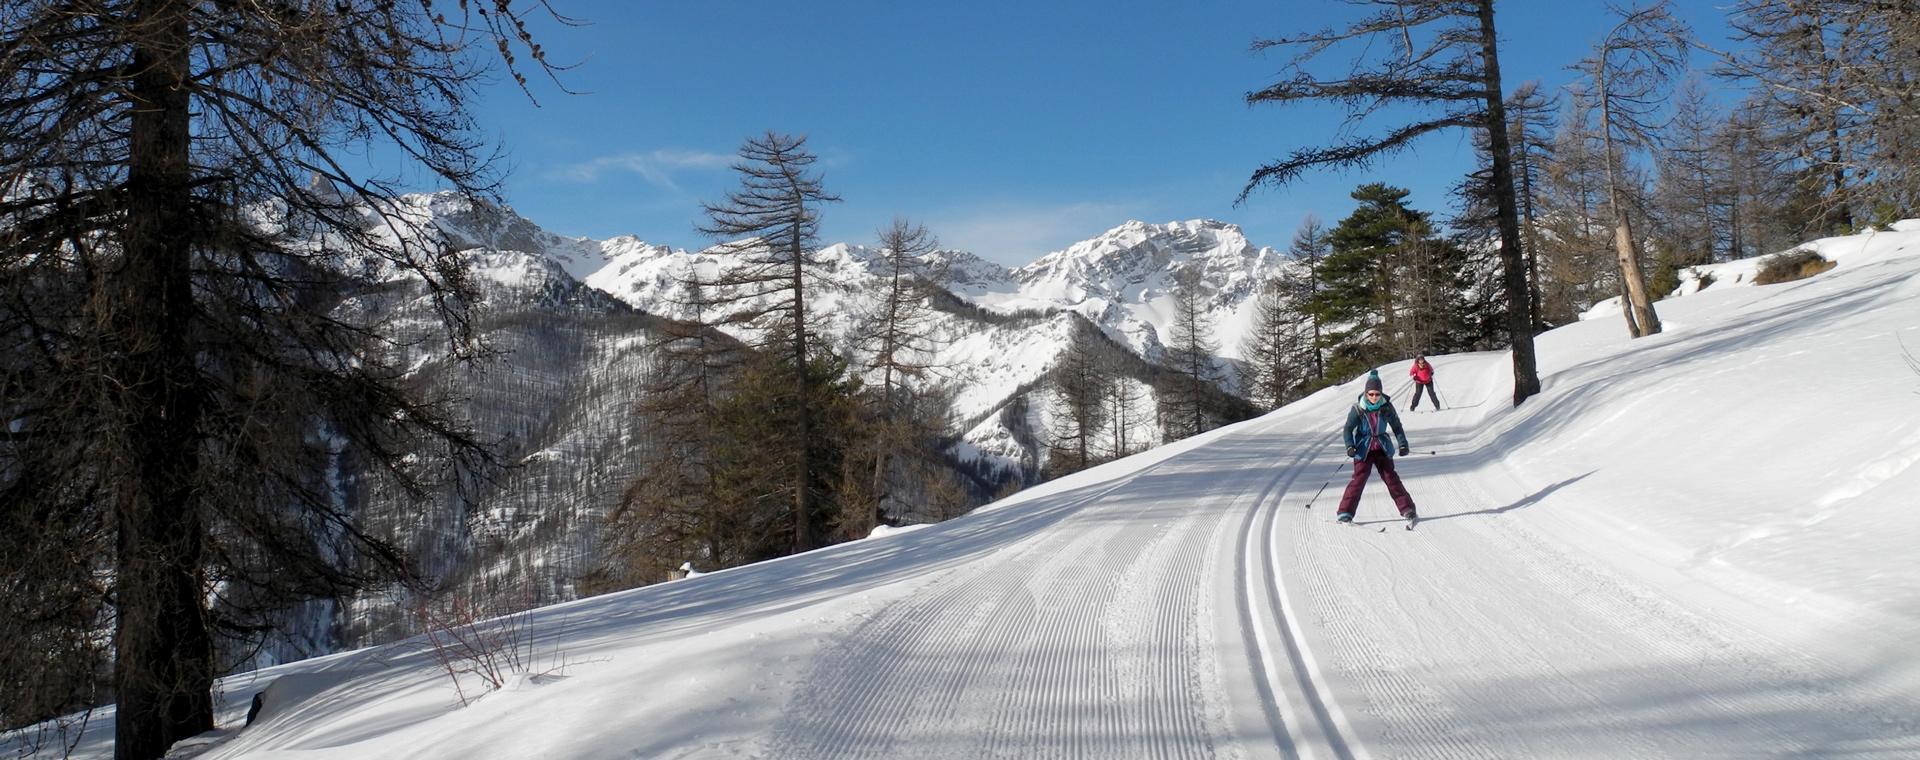 Voyage à la neige : Queyras, montagne de lumière